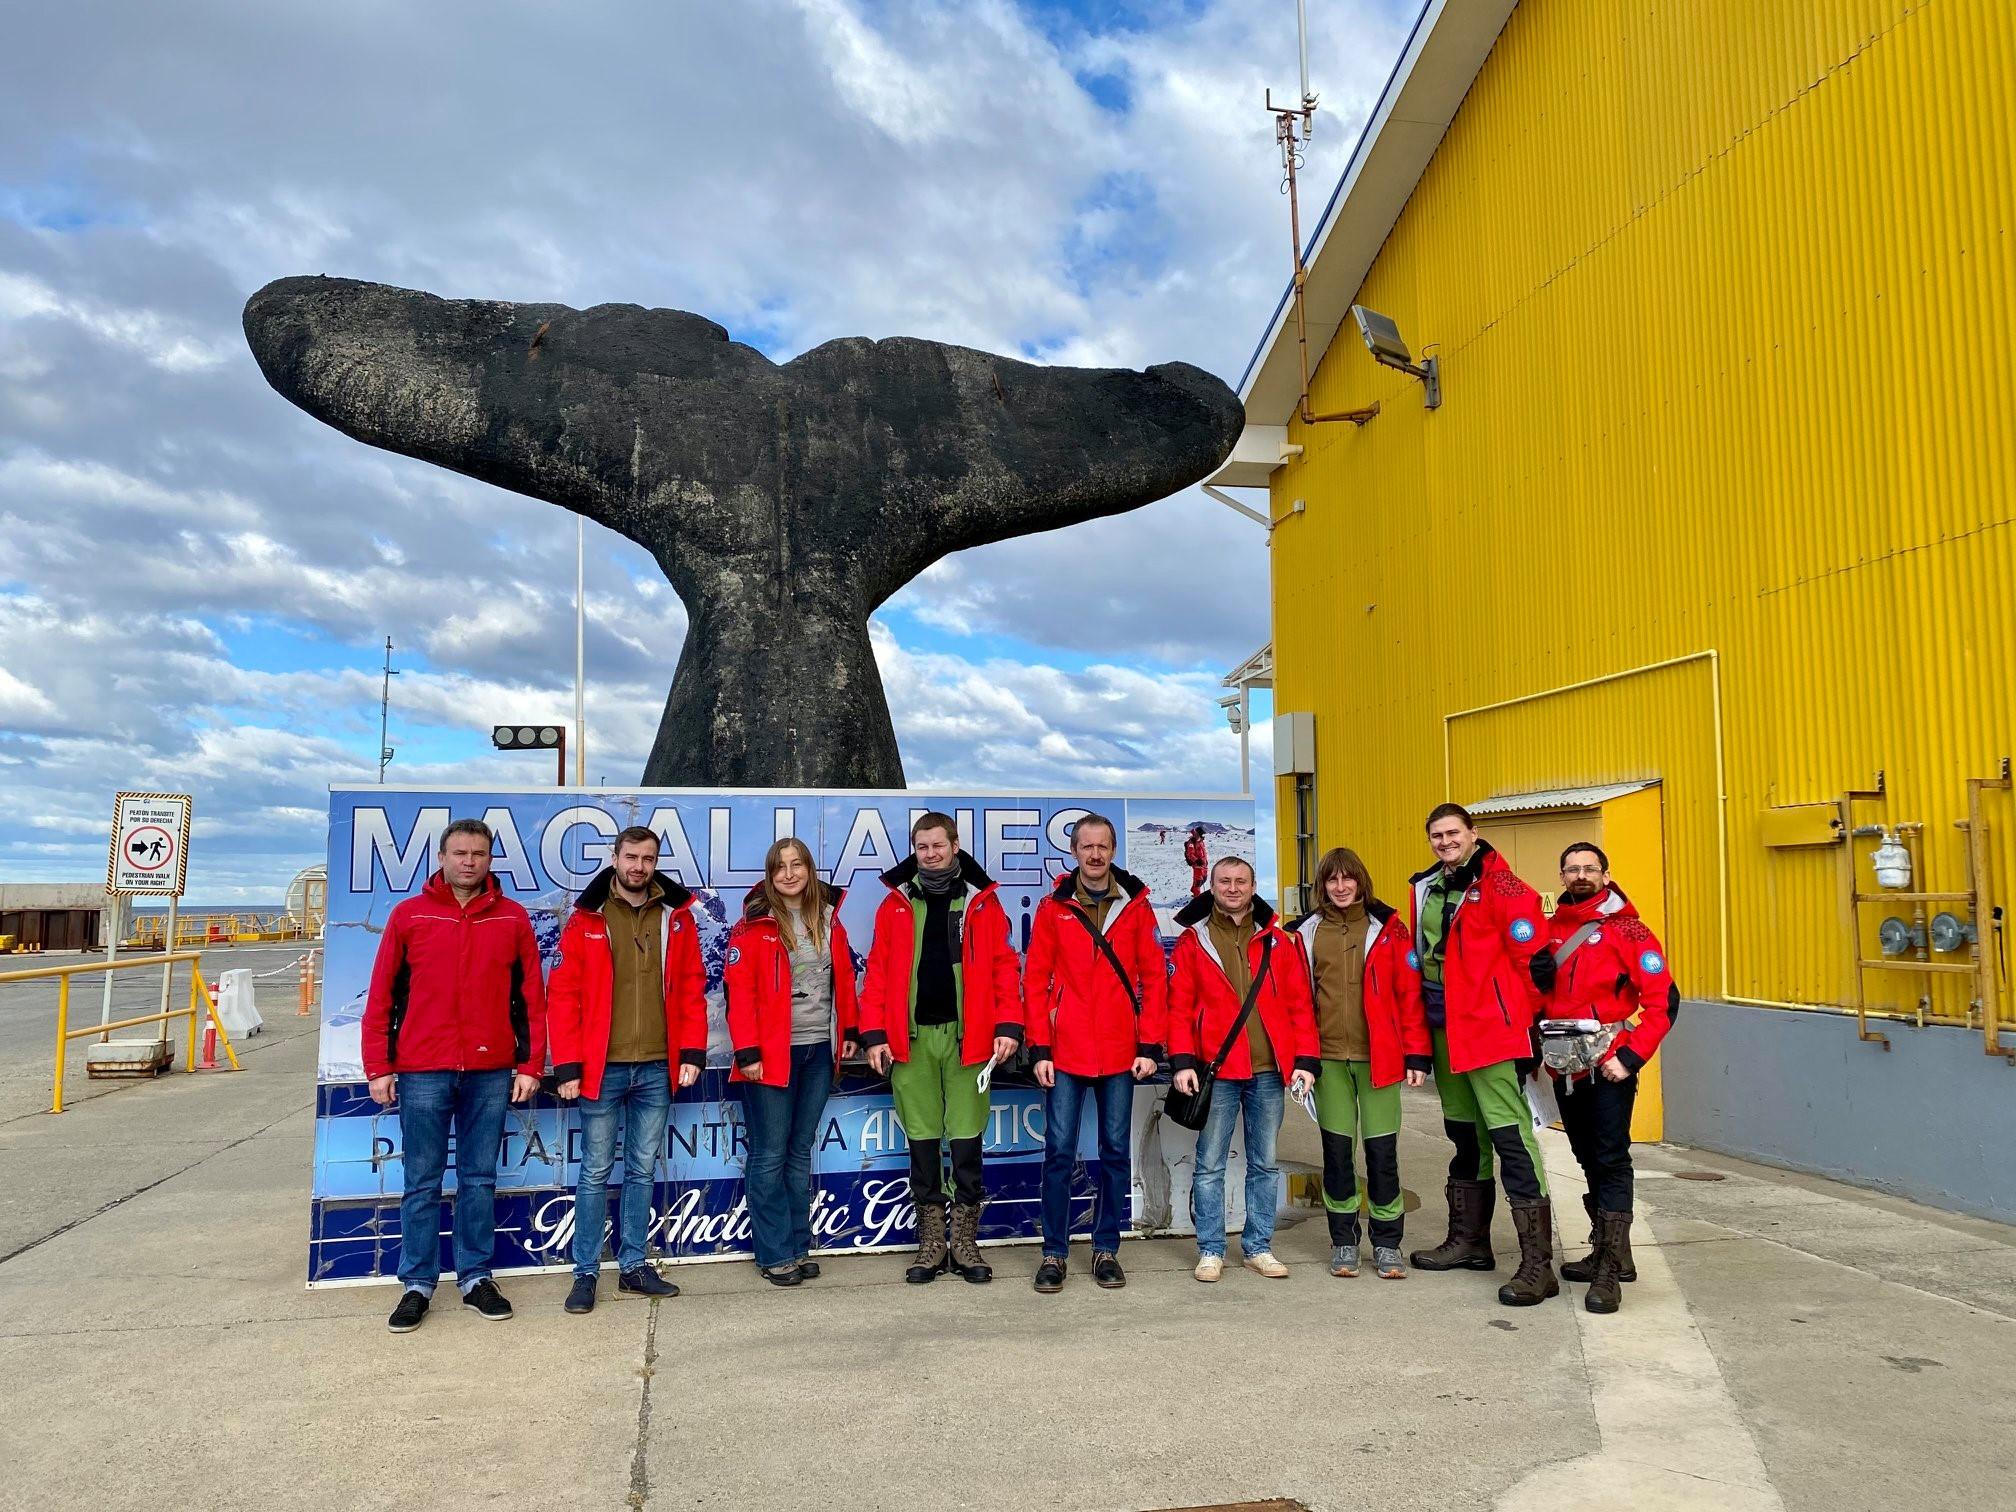 Одесский гидрометеоролог возвращается домой с Антарктики